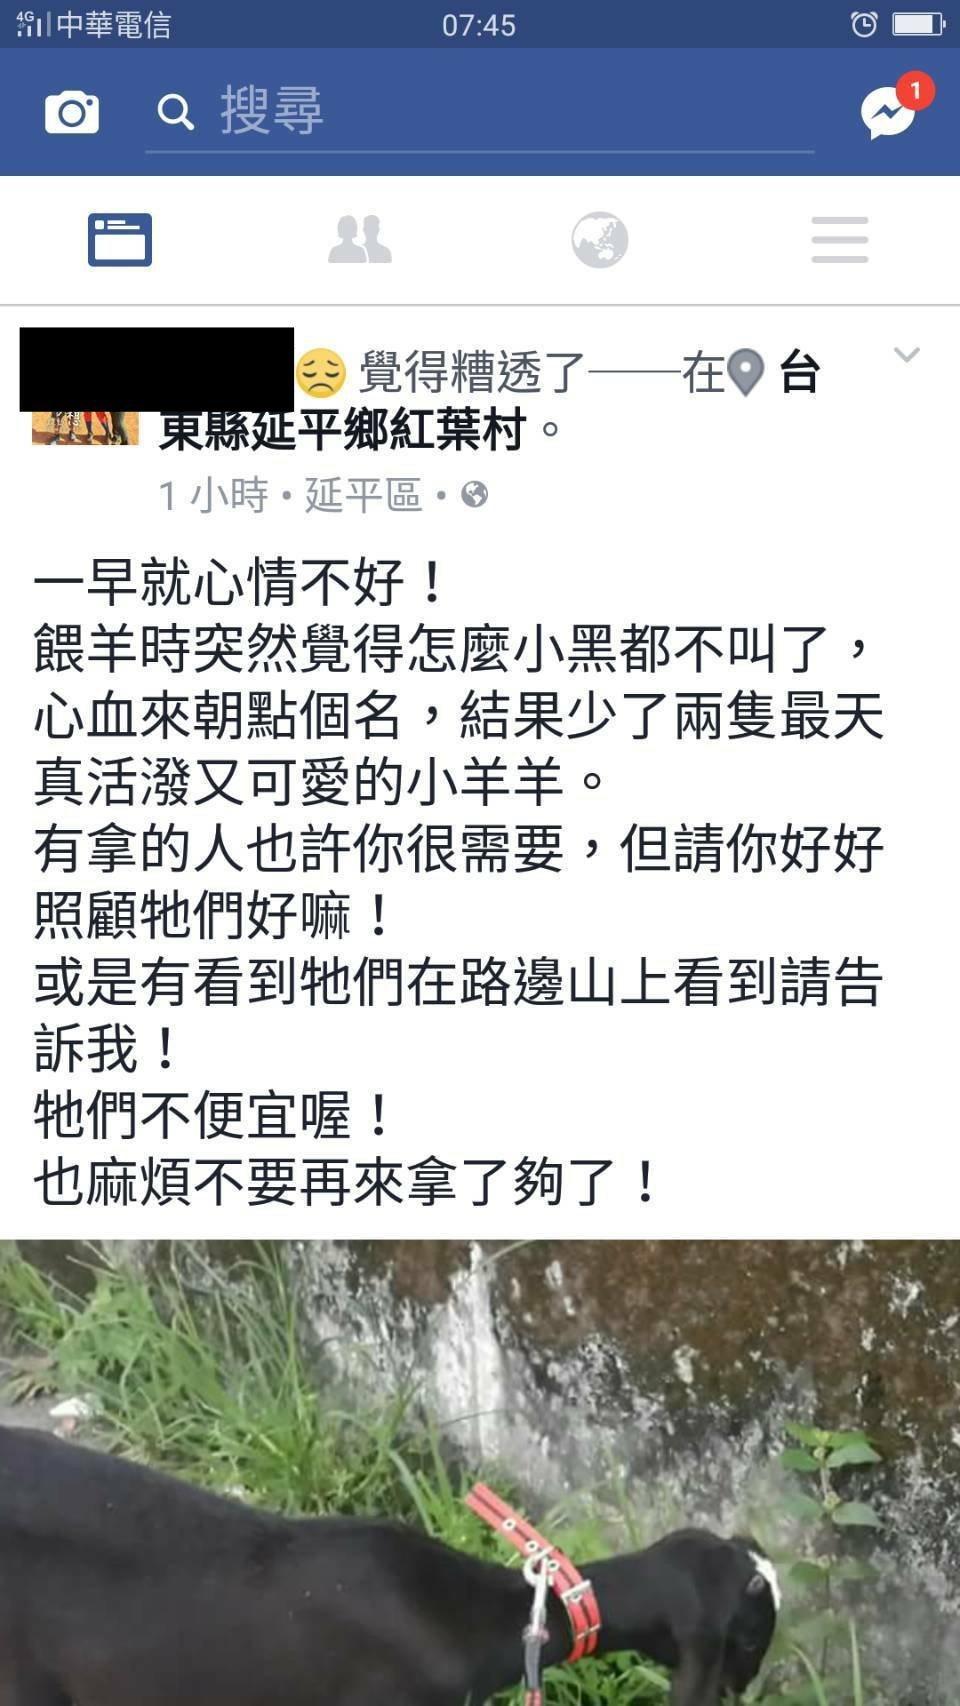 台東縣延平地區日前有鄉民在個人臉書PO文「小羊不見了,」隨即引發網友熱議,隔日找...